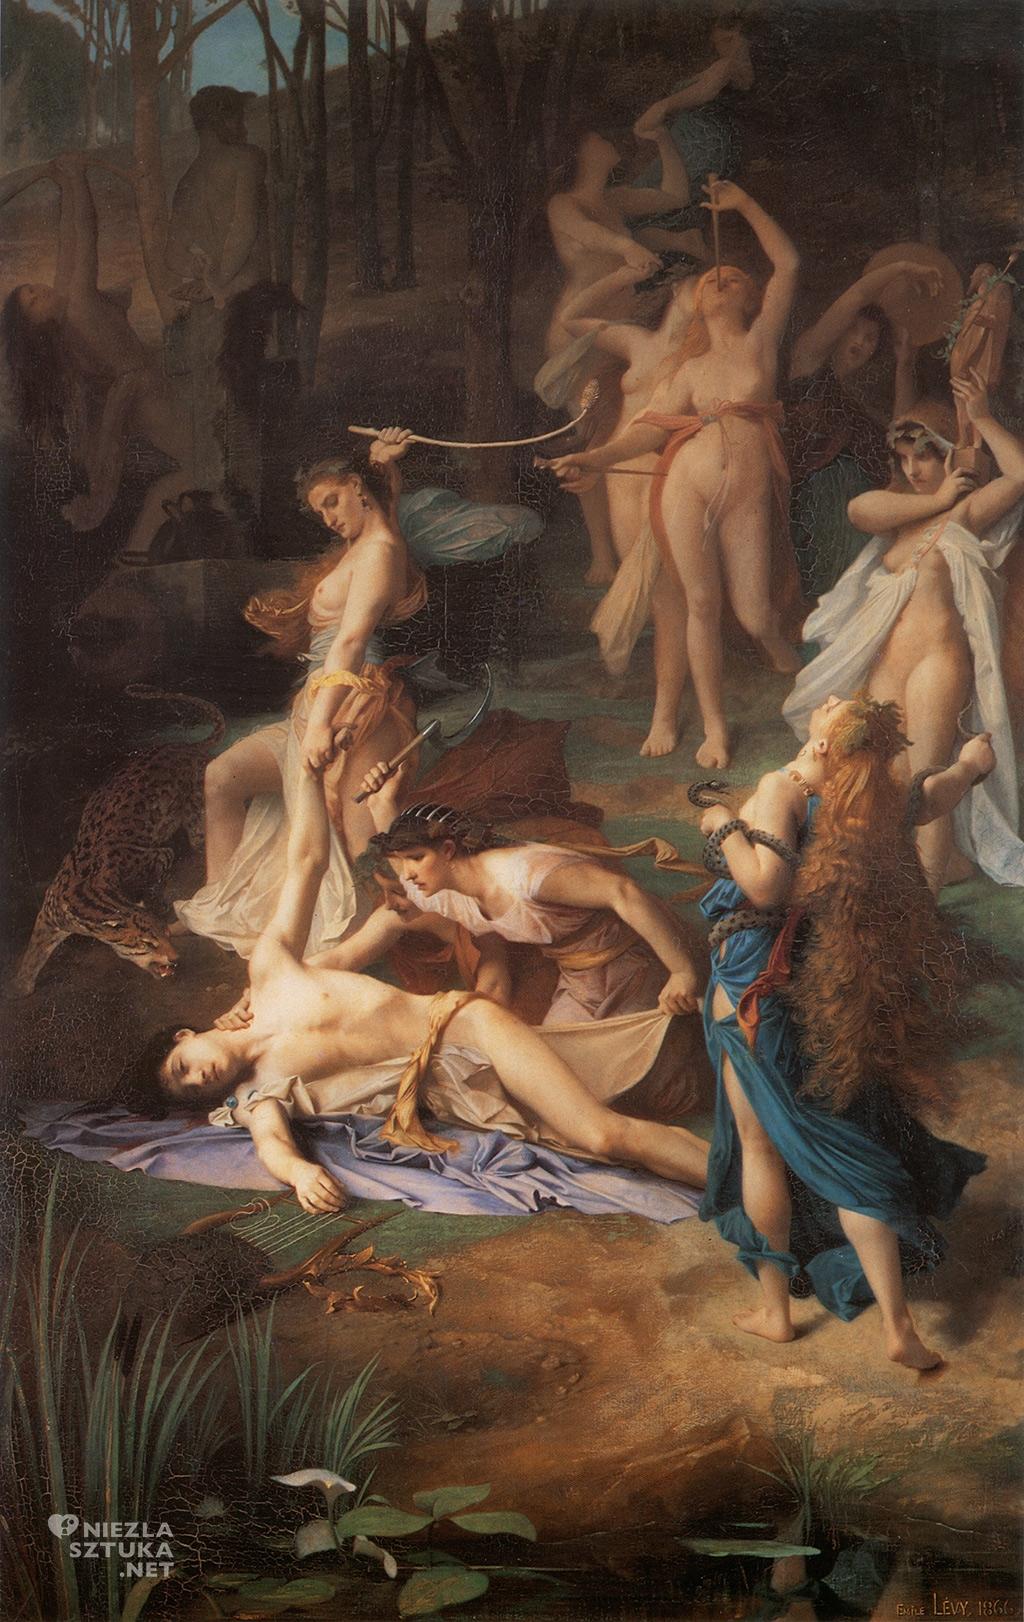 Émile Lévy, Śmierć Orfeusza, Orfeusz, Musée d'Orsay, Paryż, Niezła sztuka